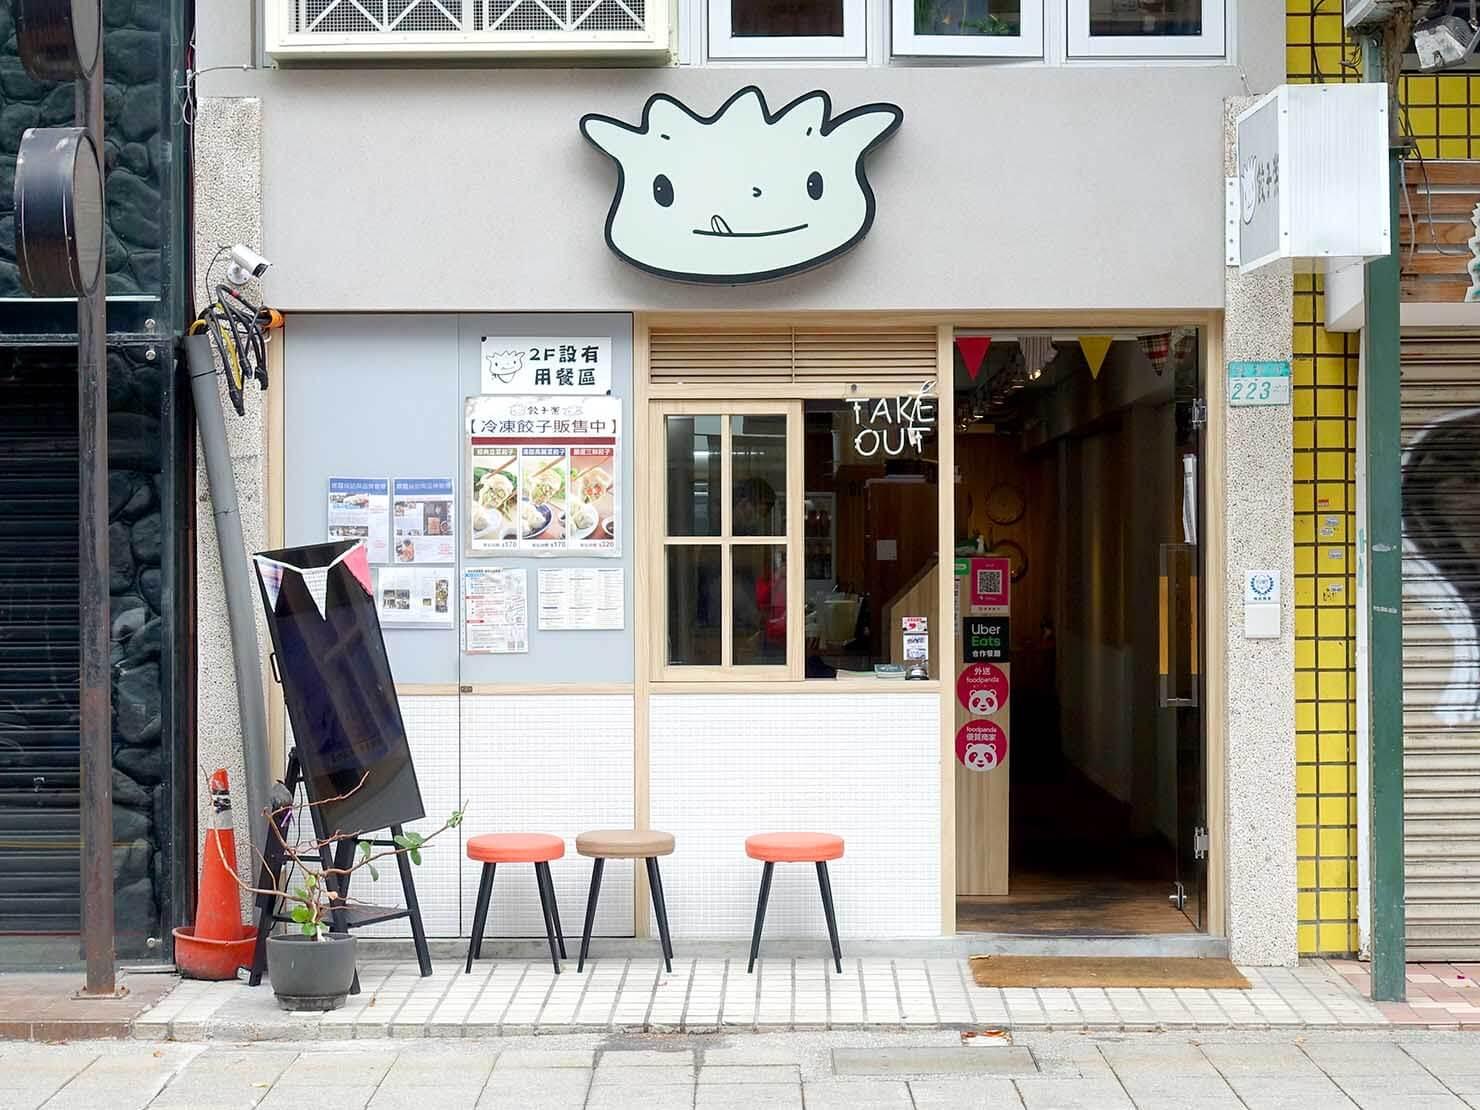 台北・永康街のおすすめグルメ店「餃子樂」の外観